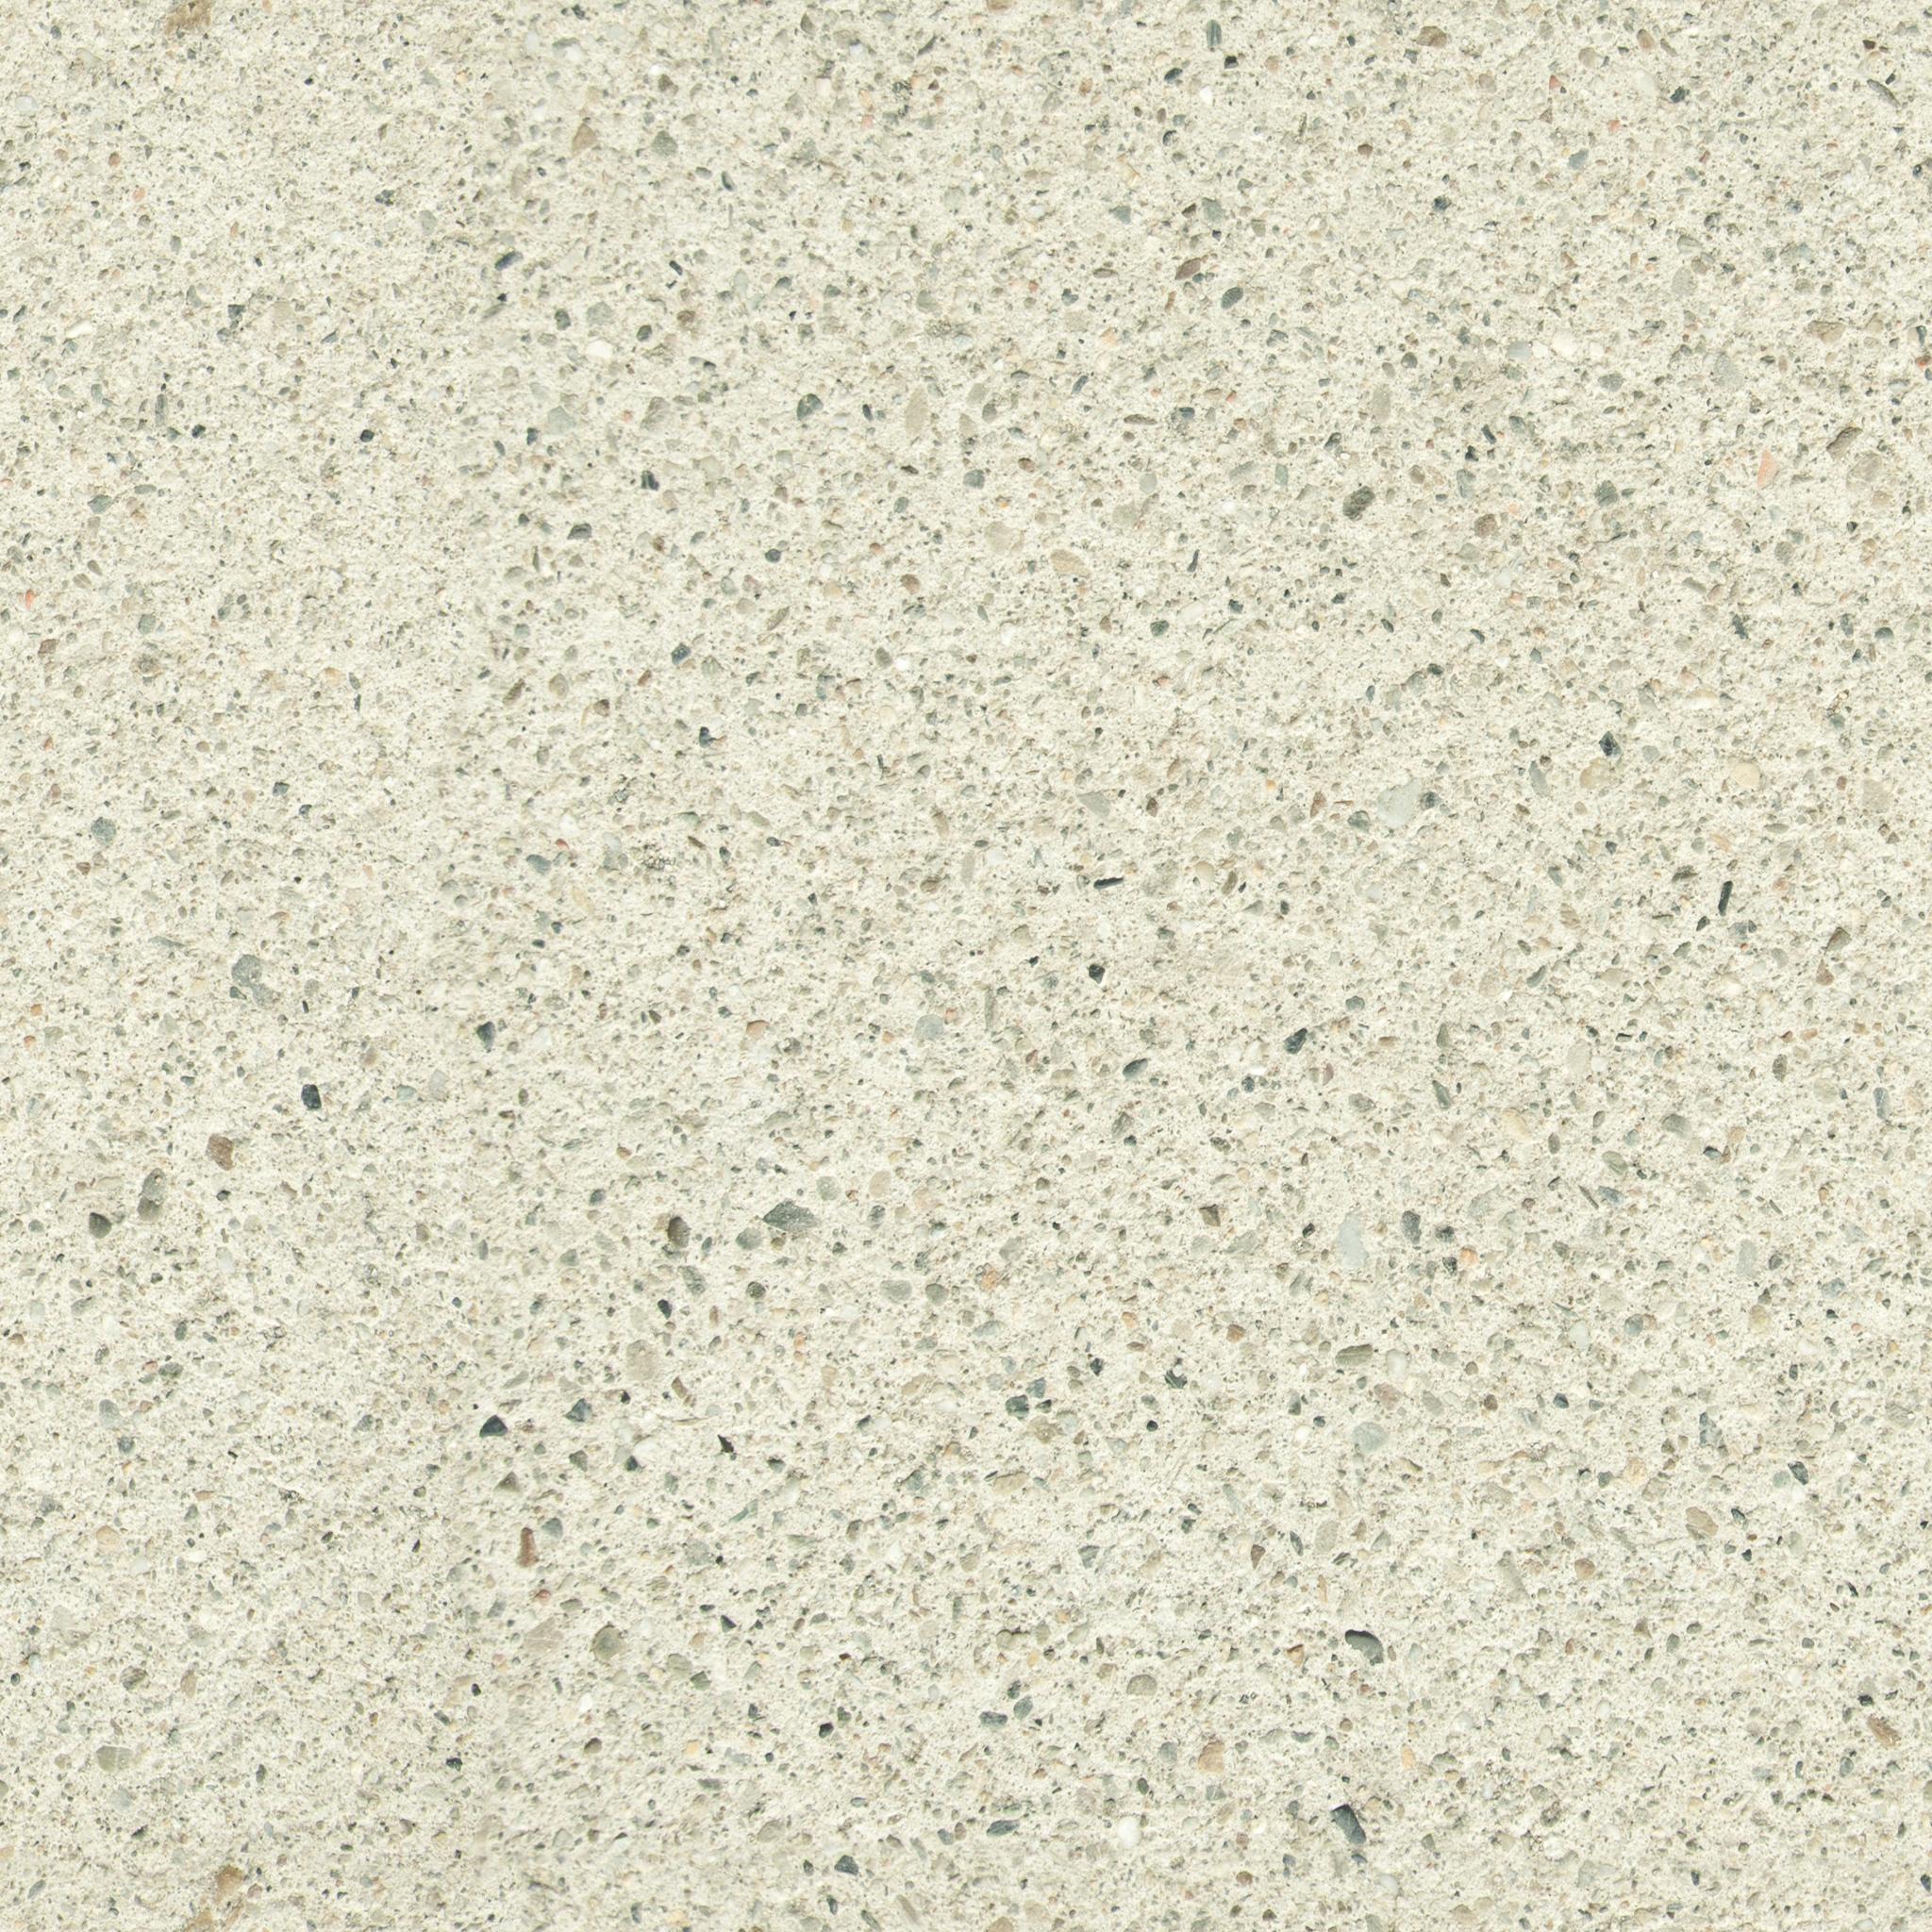 Flecked Cream Concrete.jpg